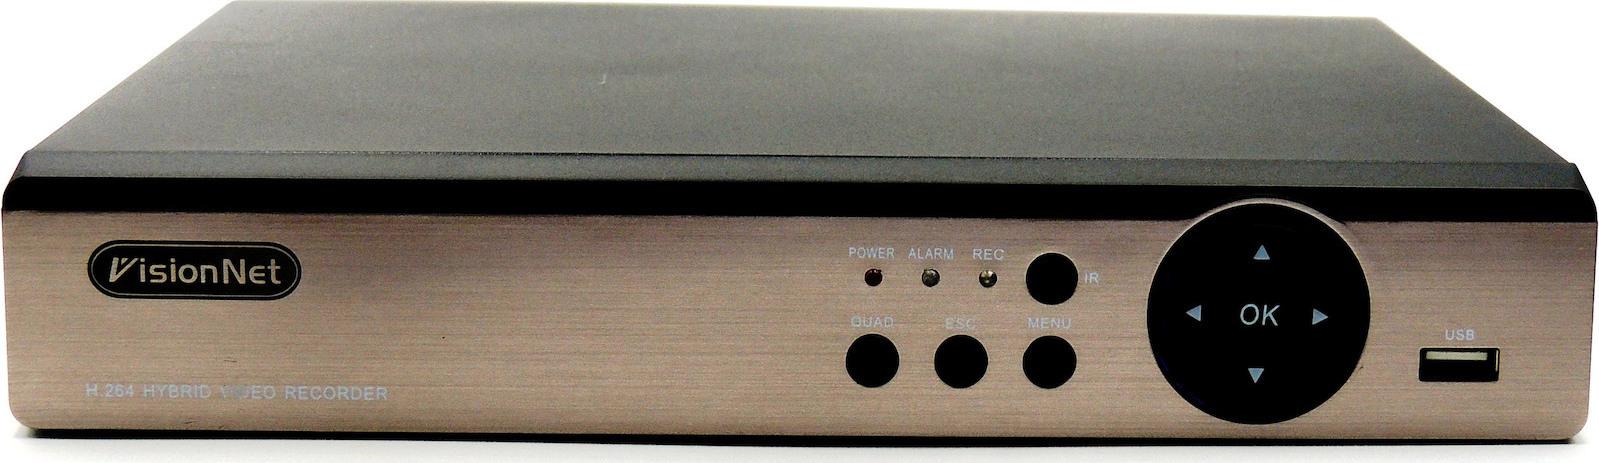 Προσθήκη στα αγαπημένα menu VisionNet VN-4004 XMEYE DVR 4 Chanel Hybrid 2.0  MP e72263cf9853